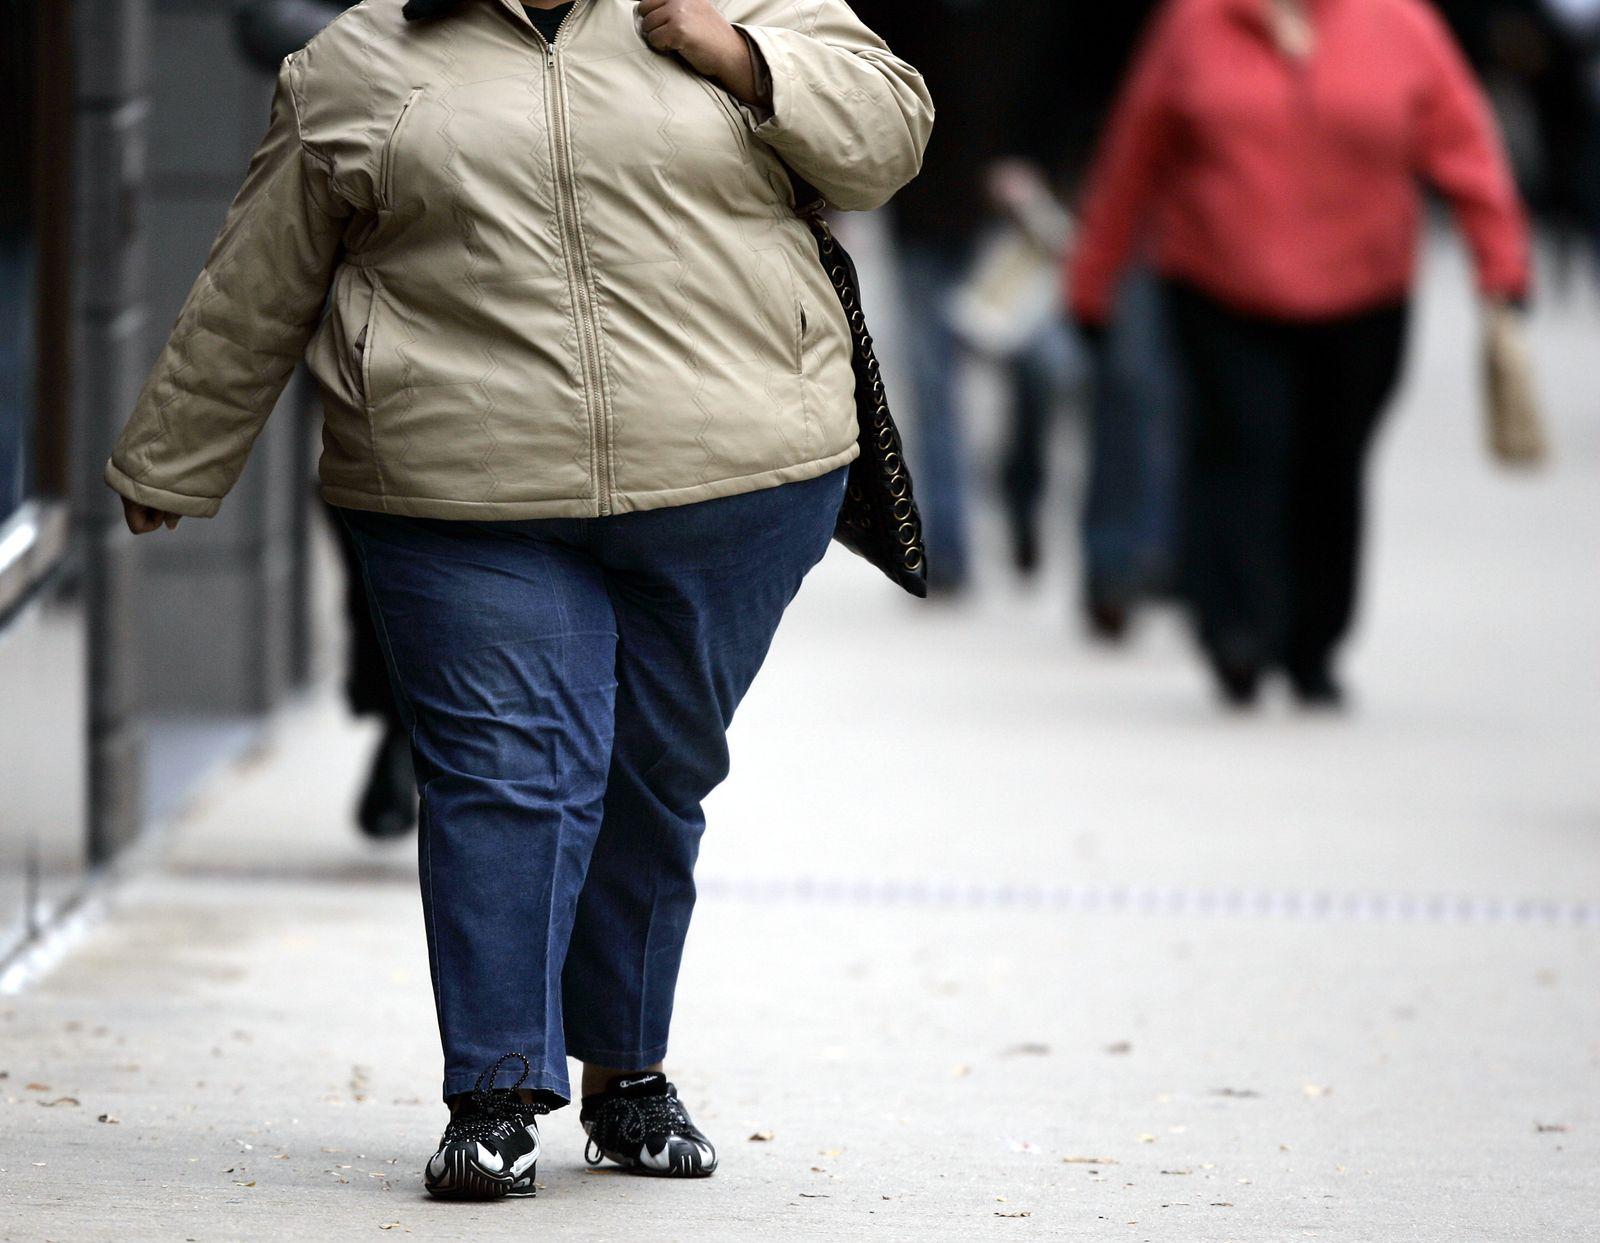 Gesundheit / Übergewicht